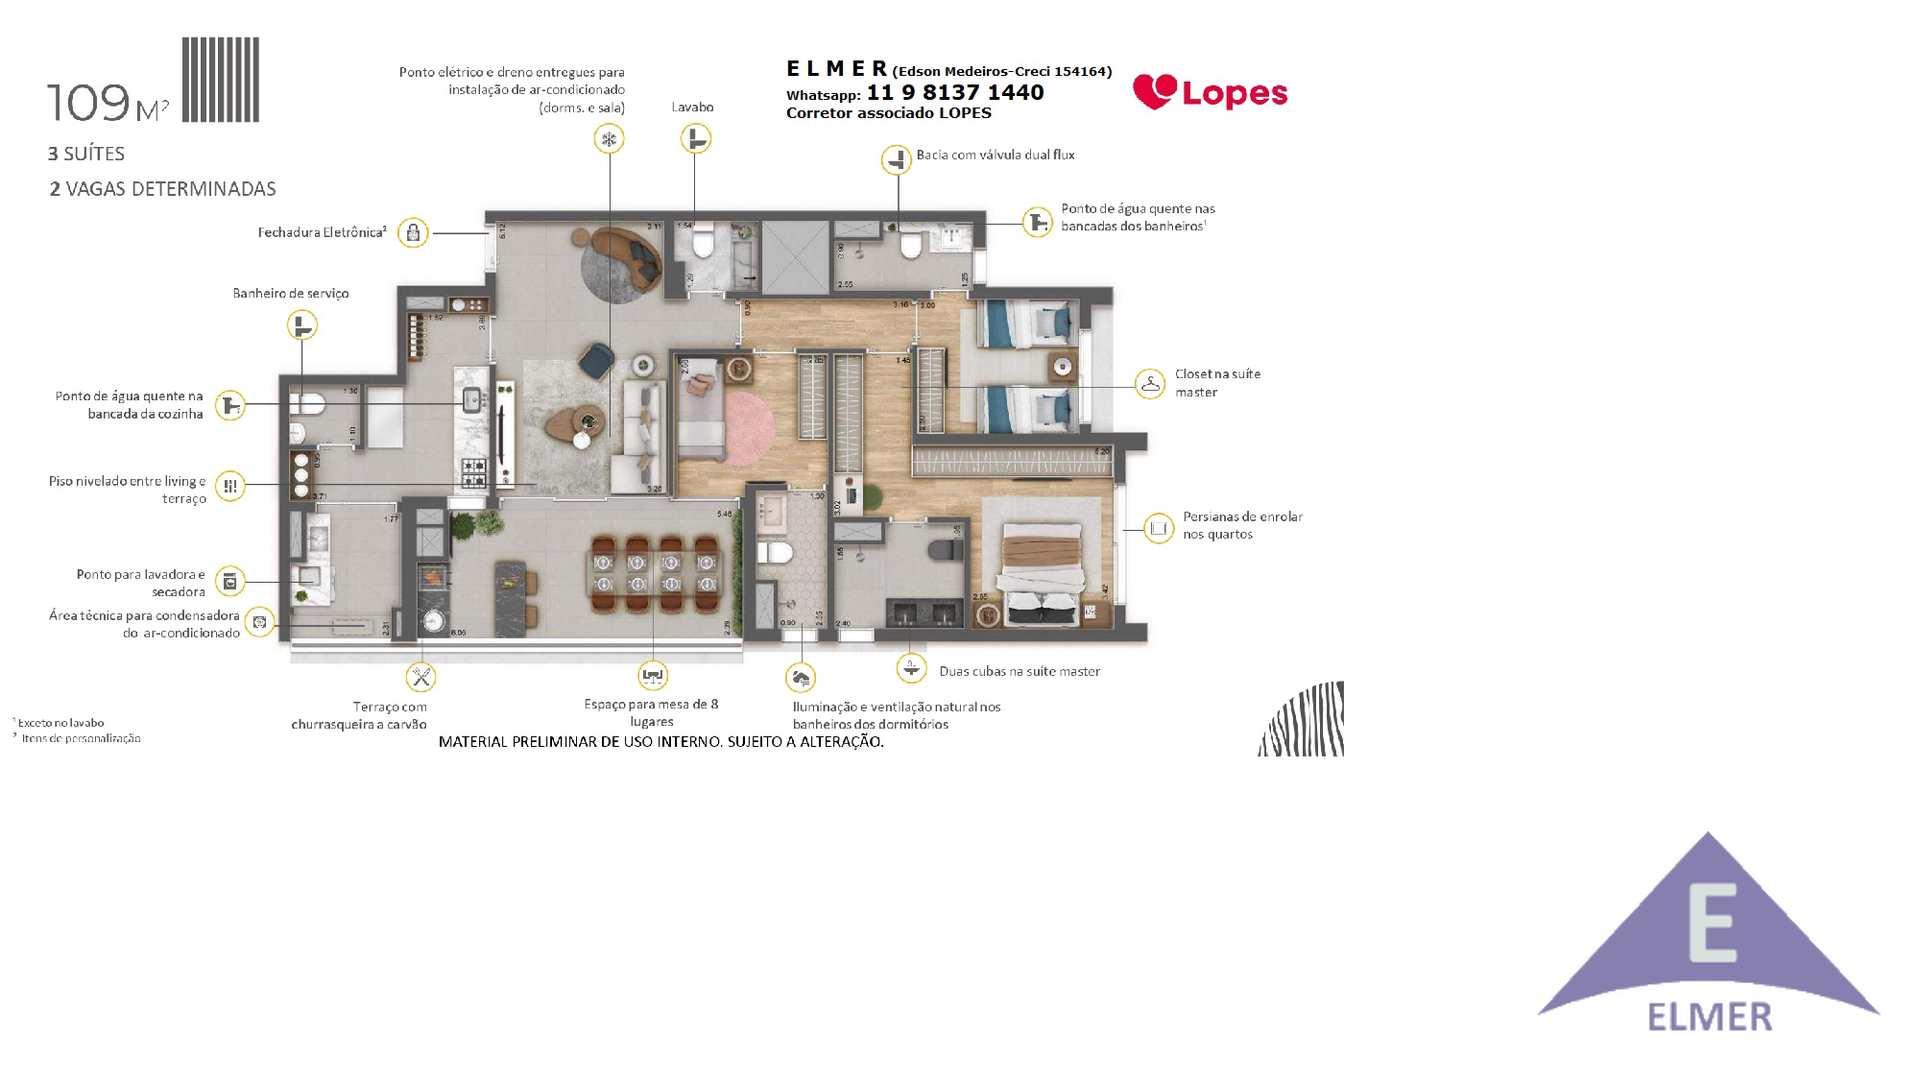 13 - Planta 3 suites diferenciais - Haus Mitr...